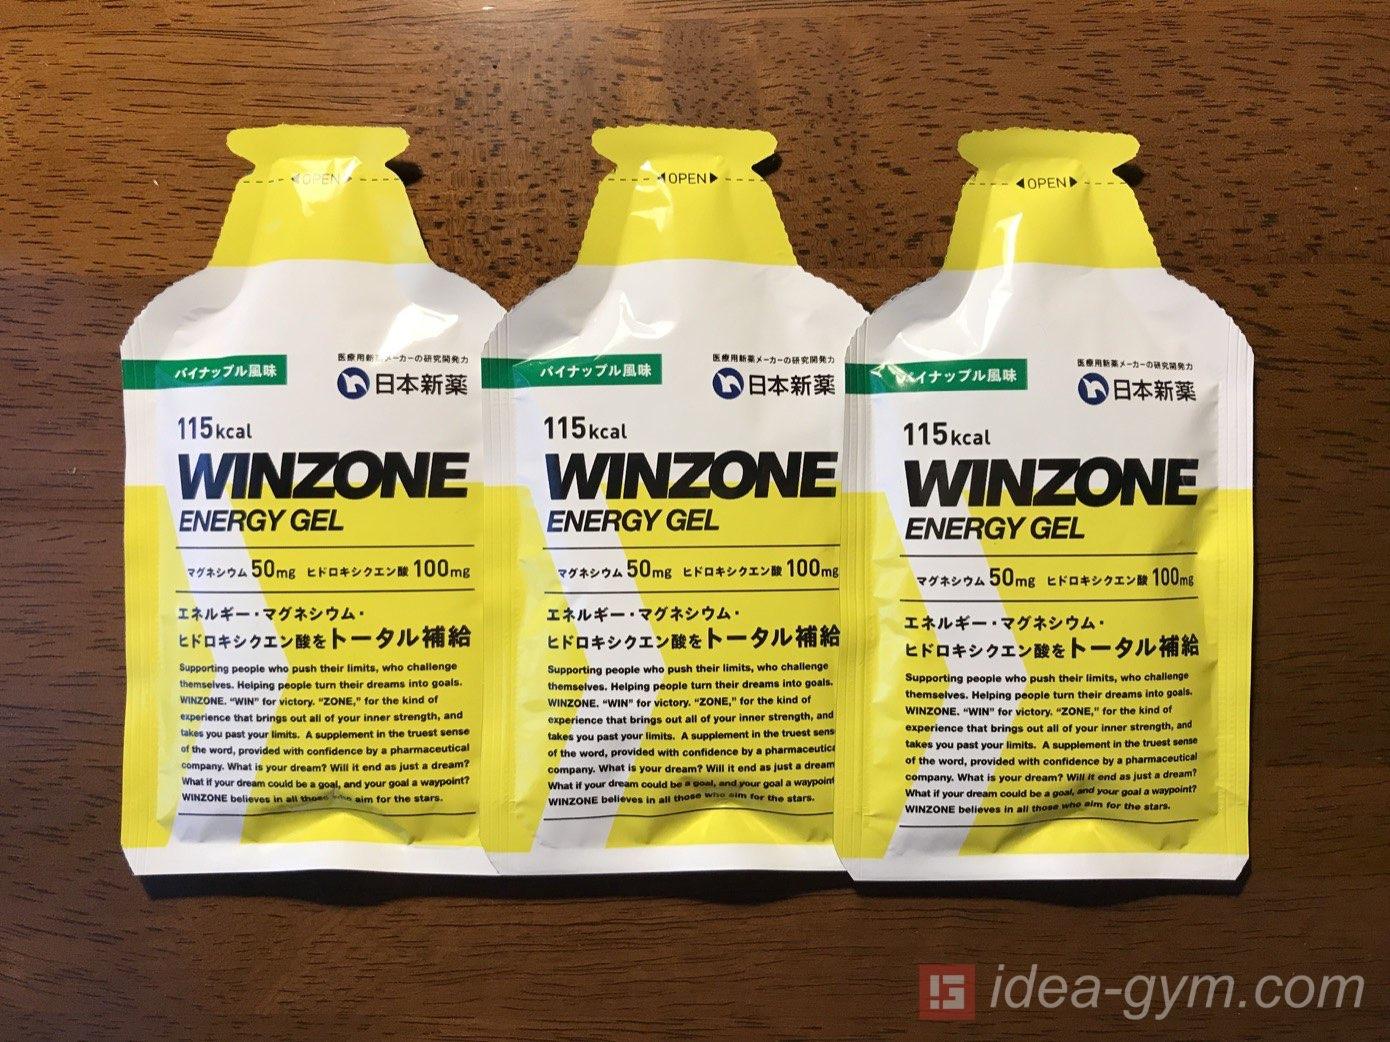 WINZONEのエナジージェルがスパルタンレースで大活躍した話